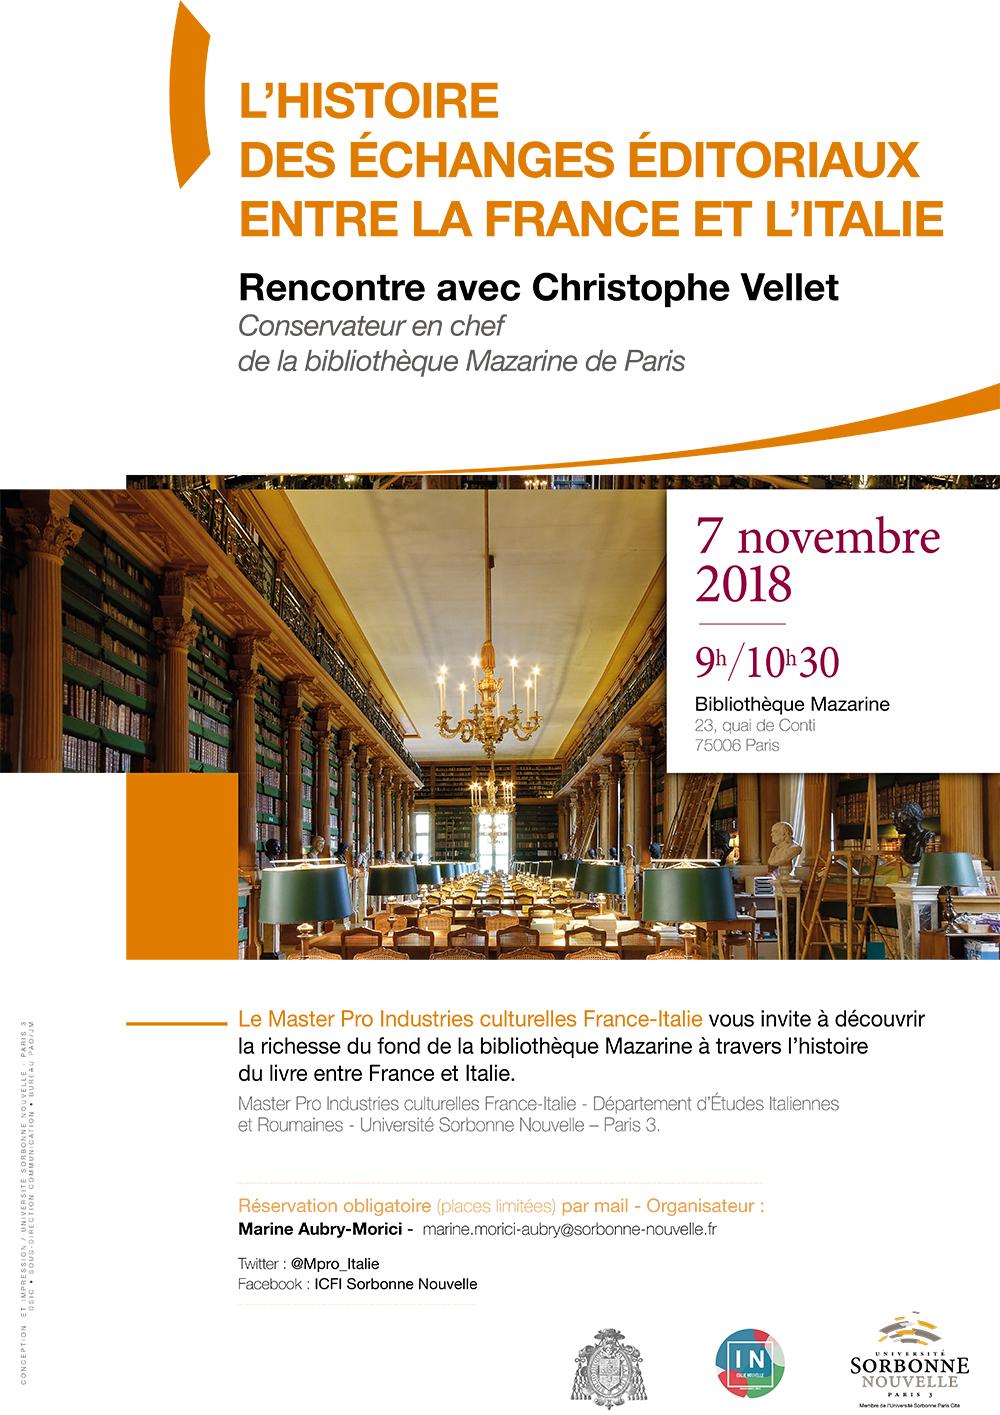 2-Affiche - Histoire des échanges éditoriaux entre la France et l'Italie.jpg